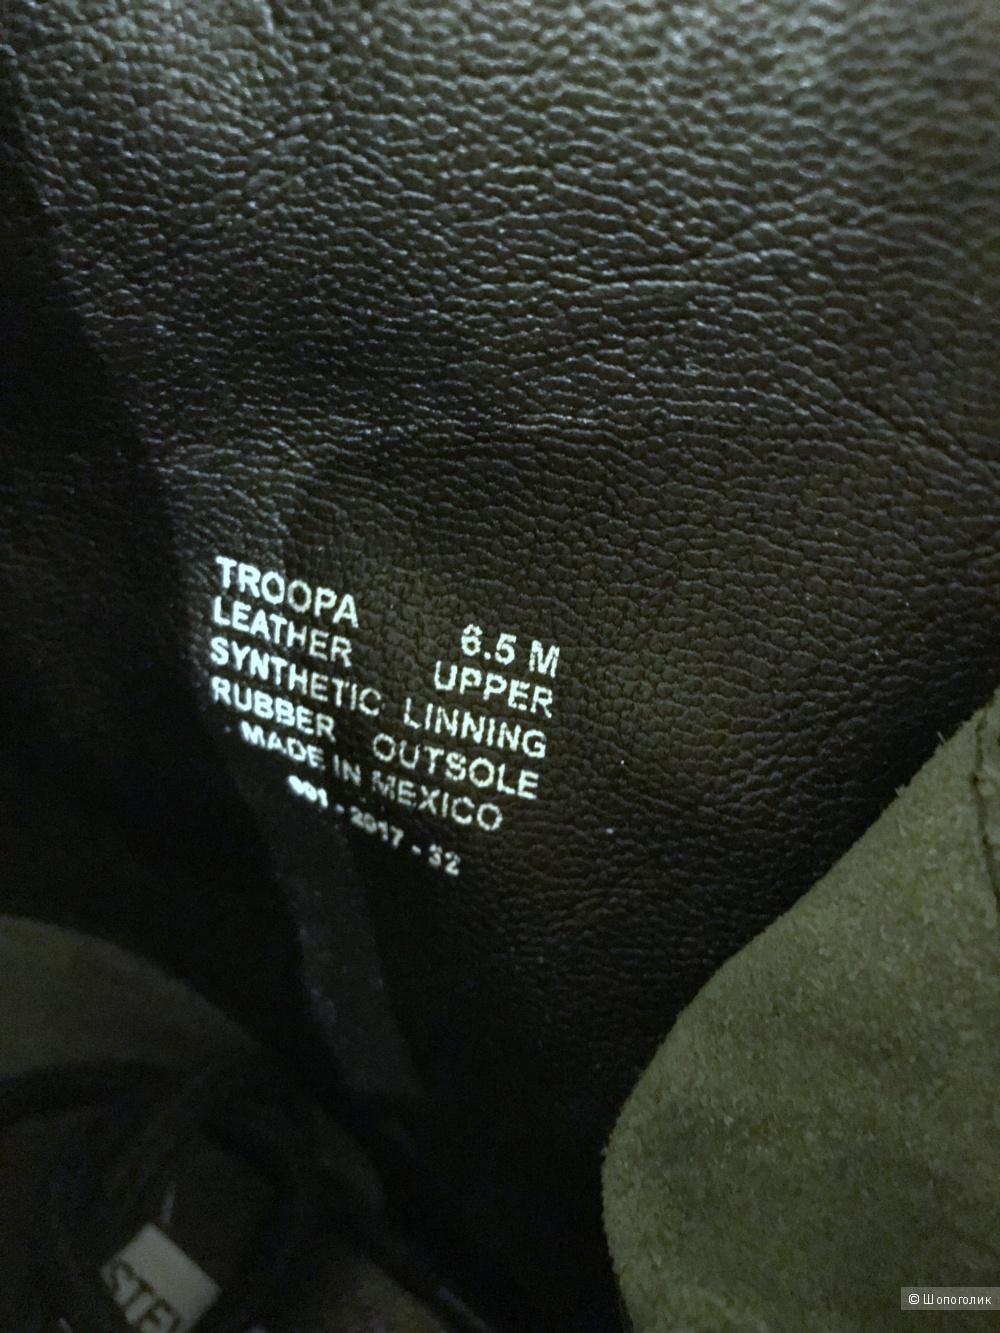 Ботинки женские Steve Madden Troopa , 37 размер